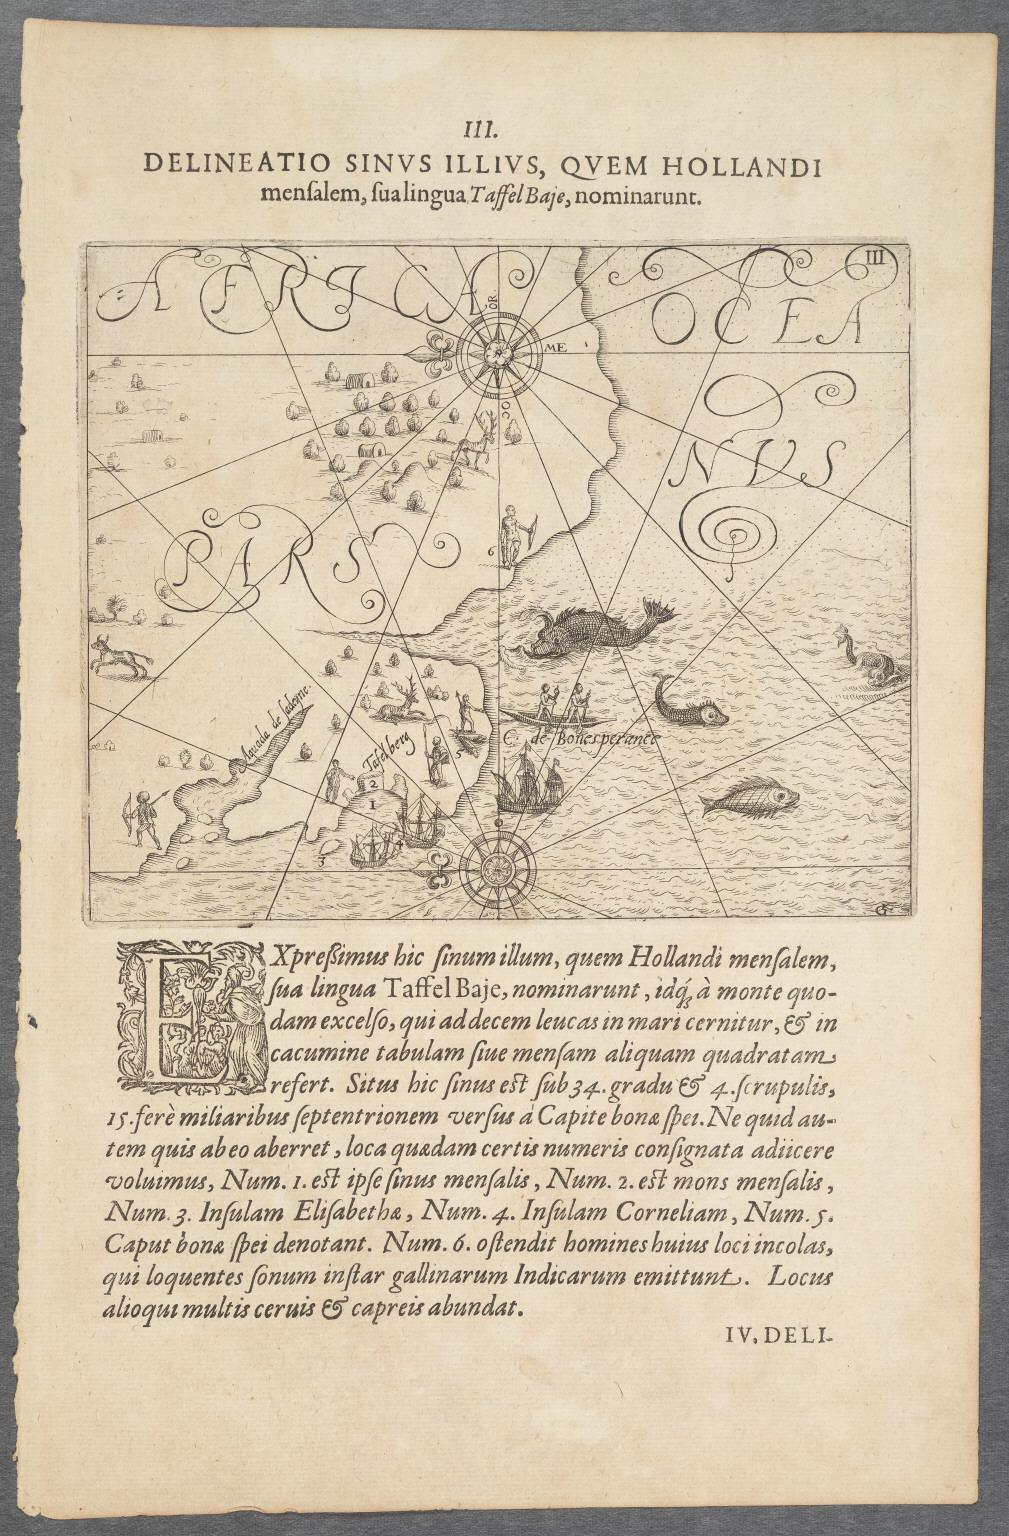 Delineatio Promontorii, Quod Cabo de bona Esperanca vulgo vocatur.